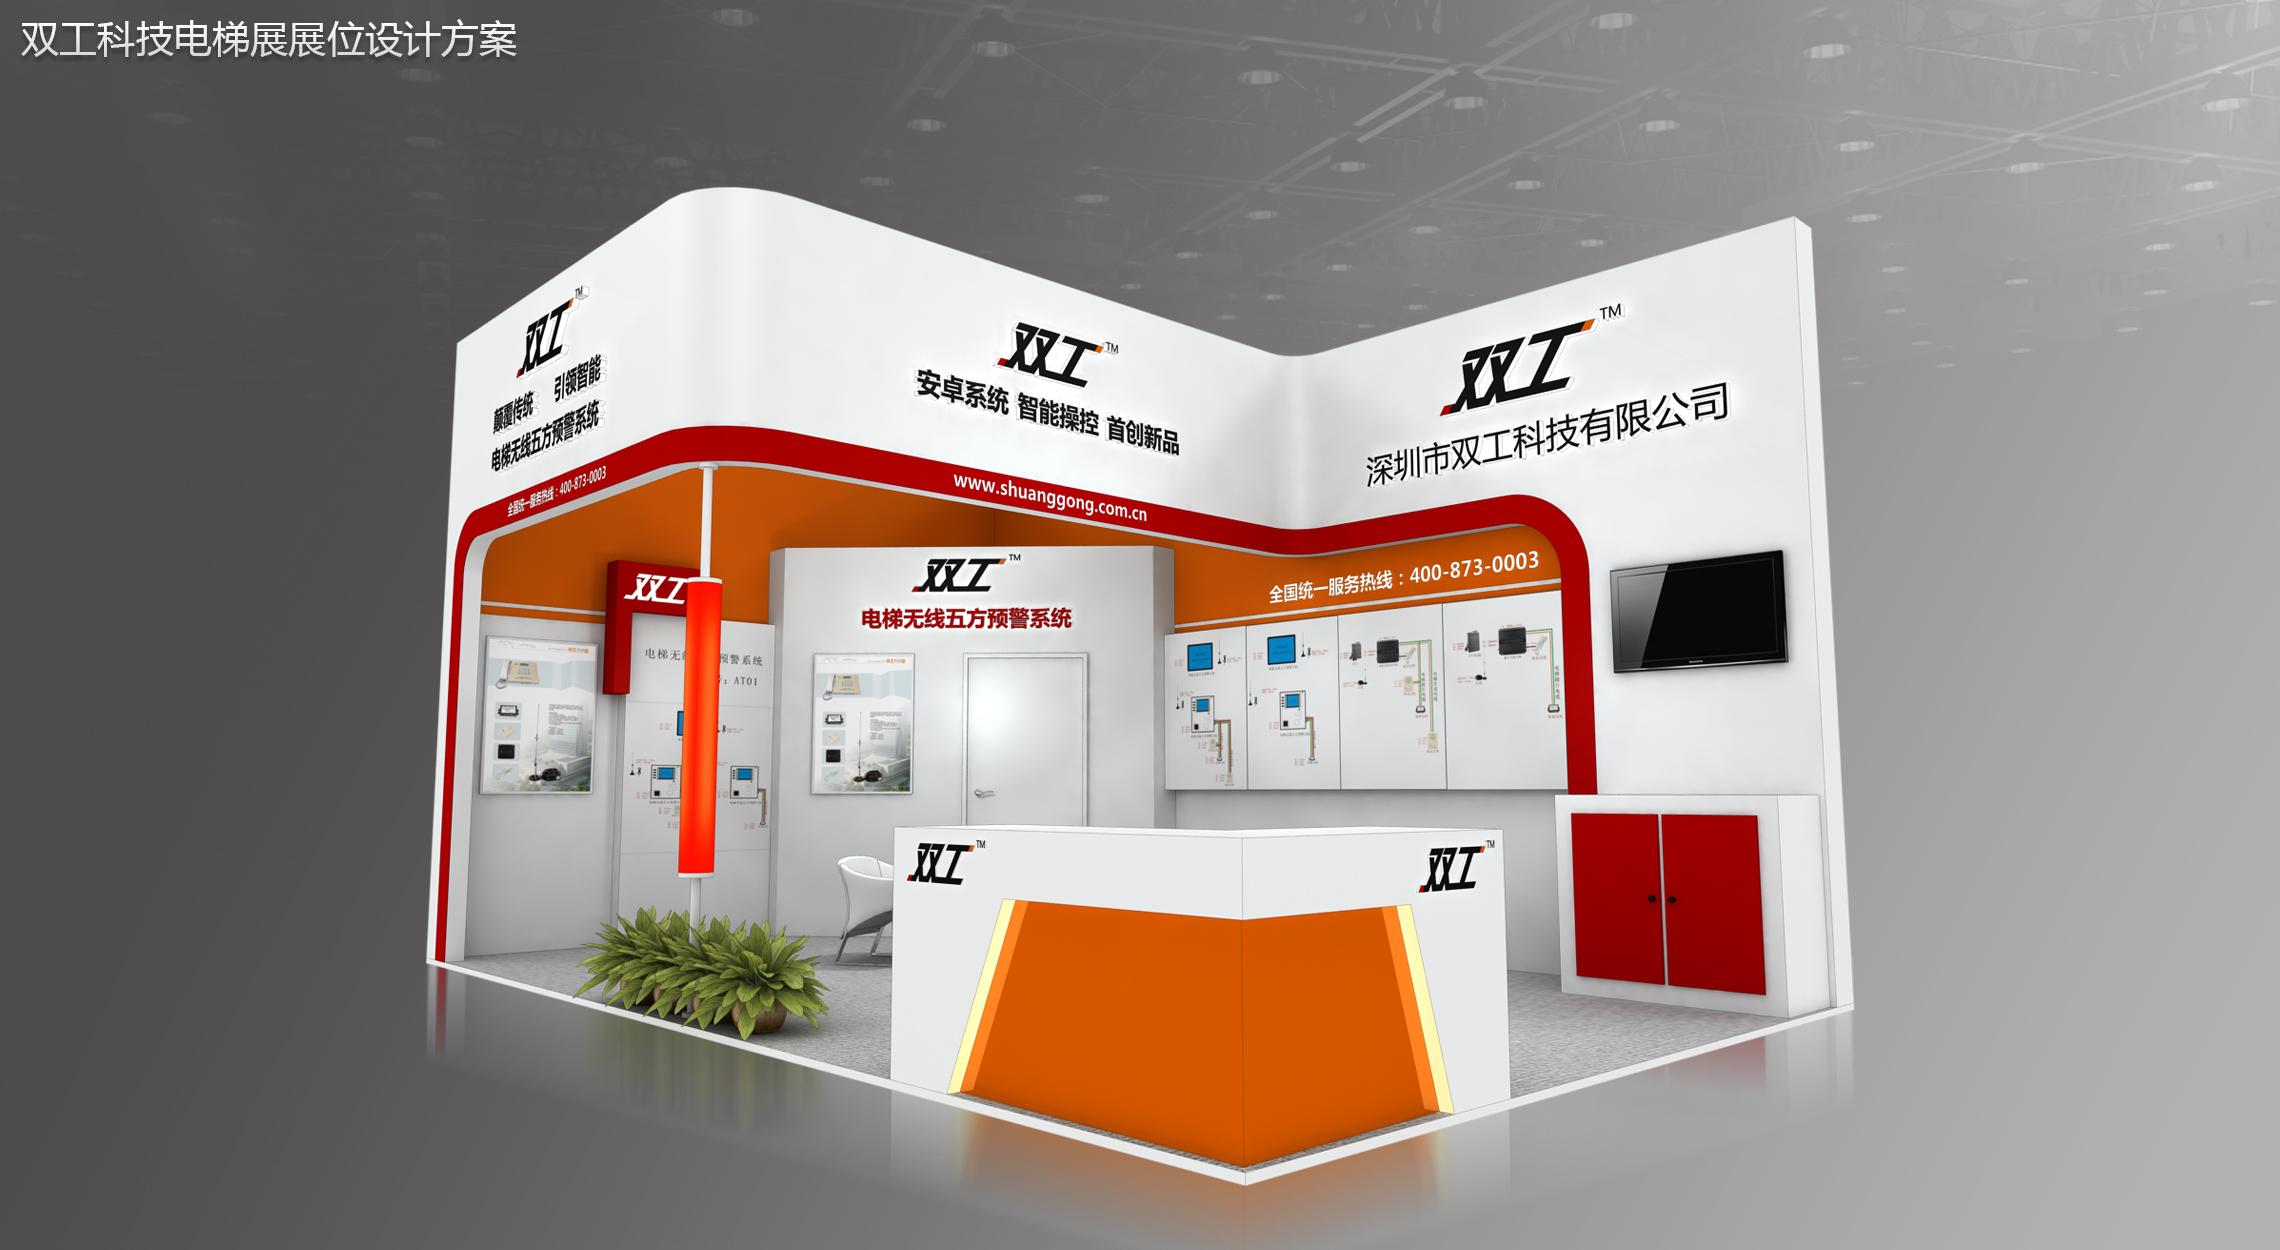 【展会预告】深圳市双工科技有限公司参加上海国际电梯展会